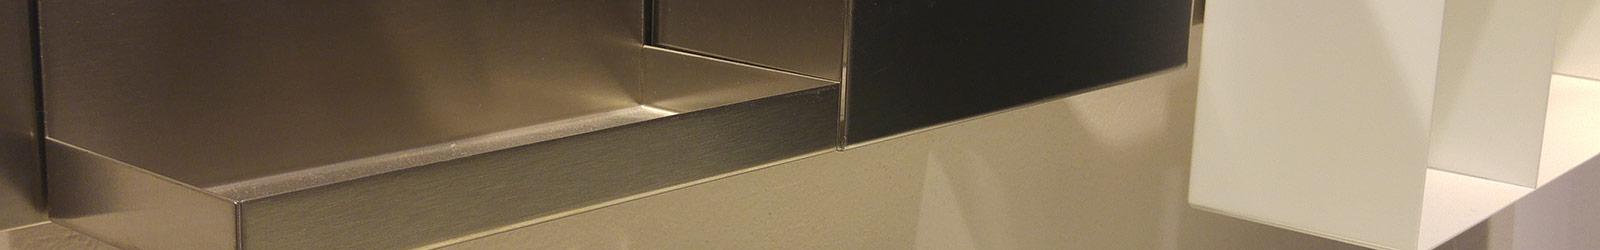 Vendita accessori bagno a torino - Specchi bagno torino ...